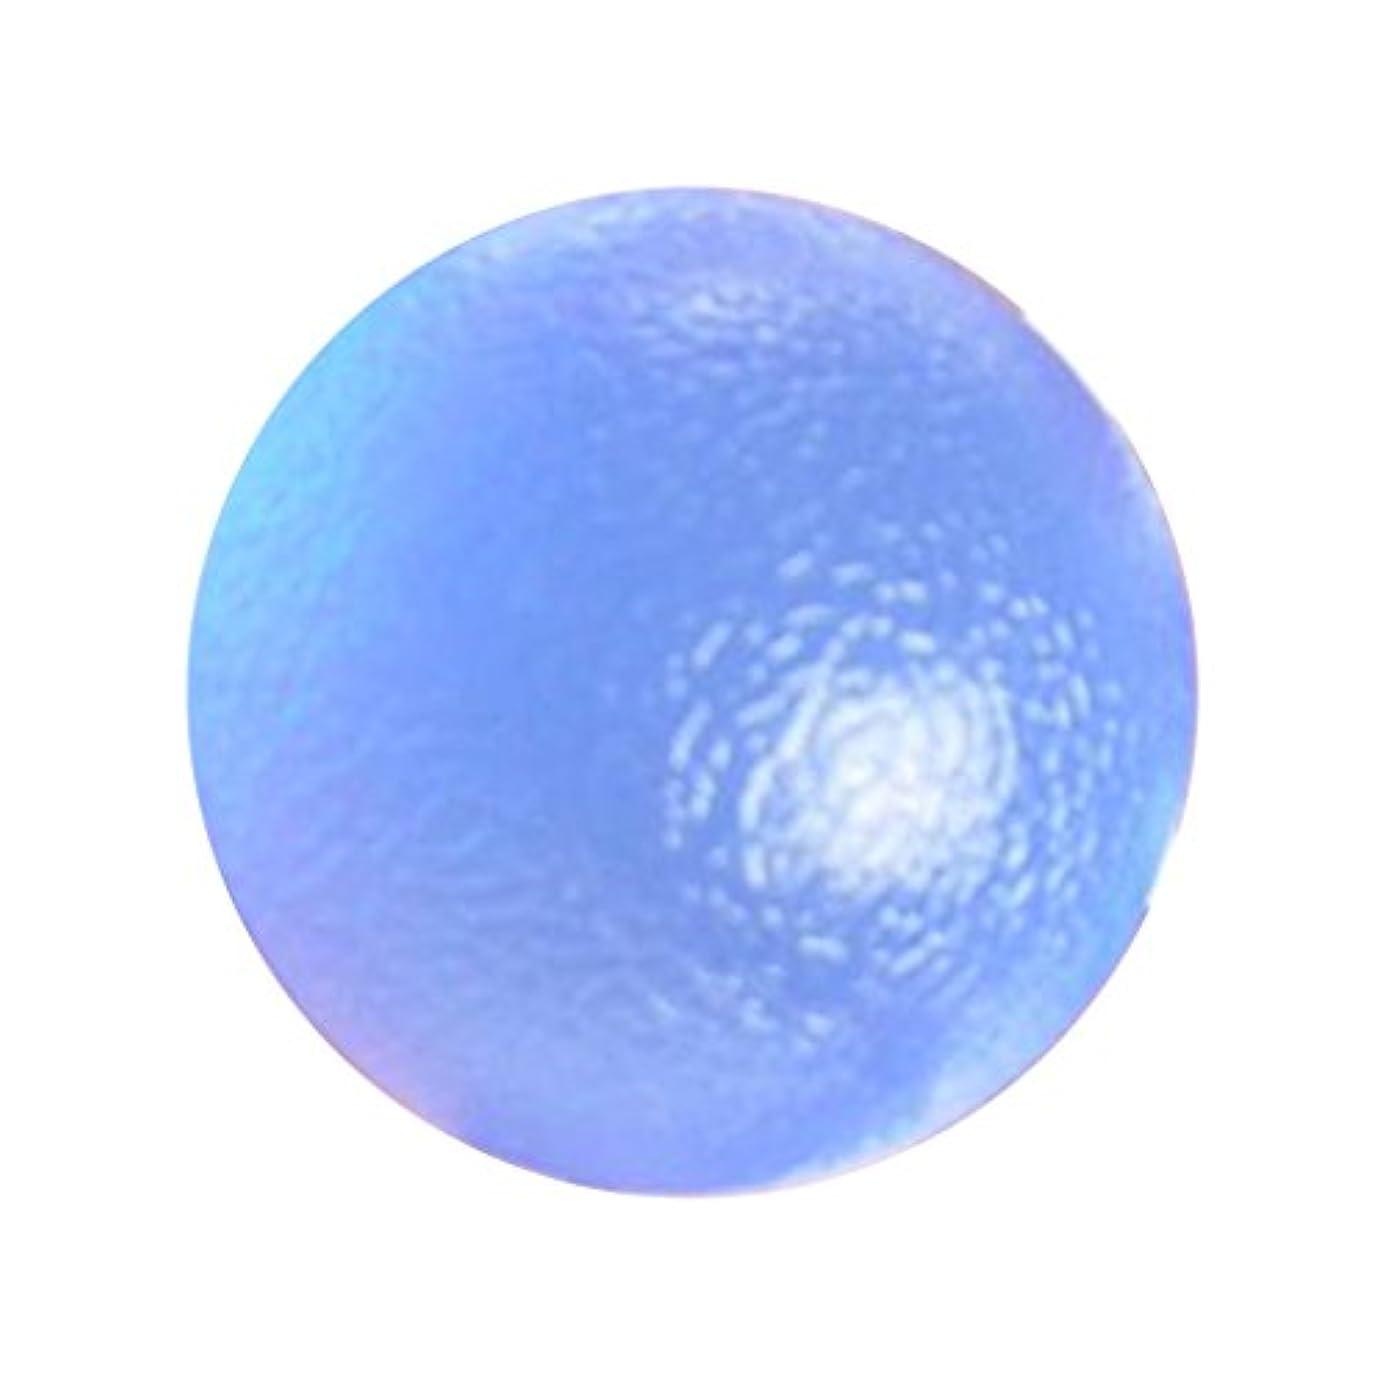 Baoblaze グリップボール マッサージ ボール エクササイザ ポケットサイズ TPR 運動 便利 3タイプ選べ - ブルーハード